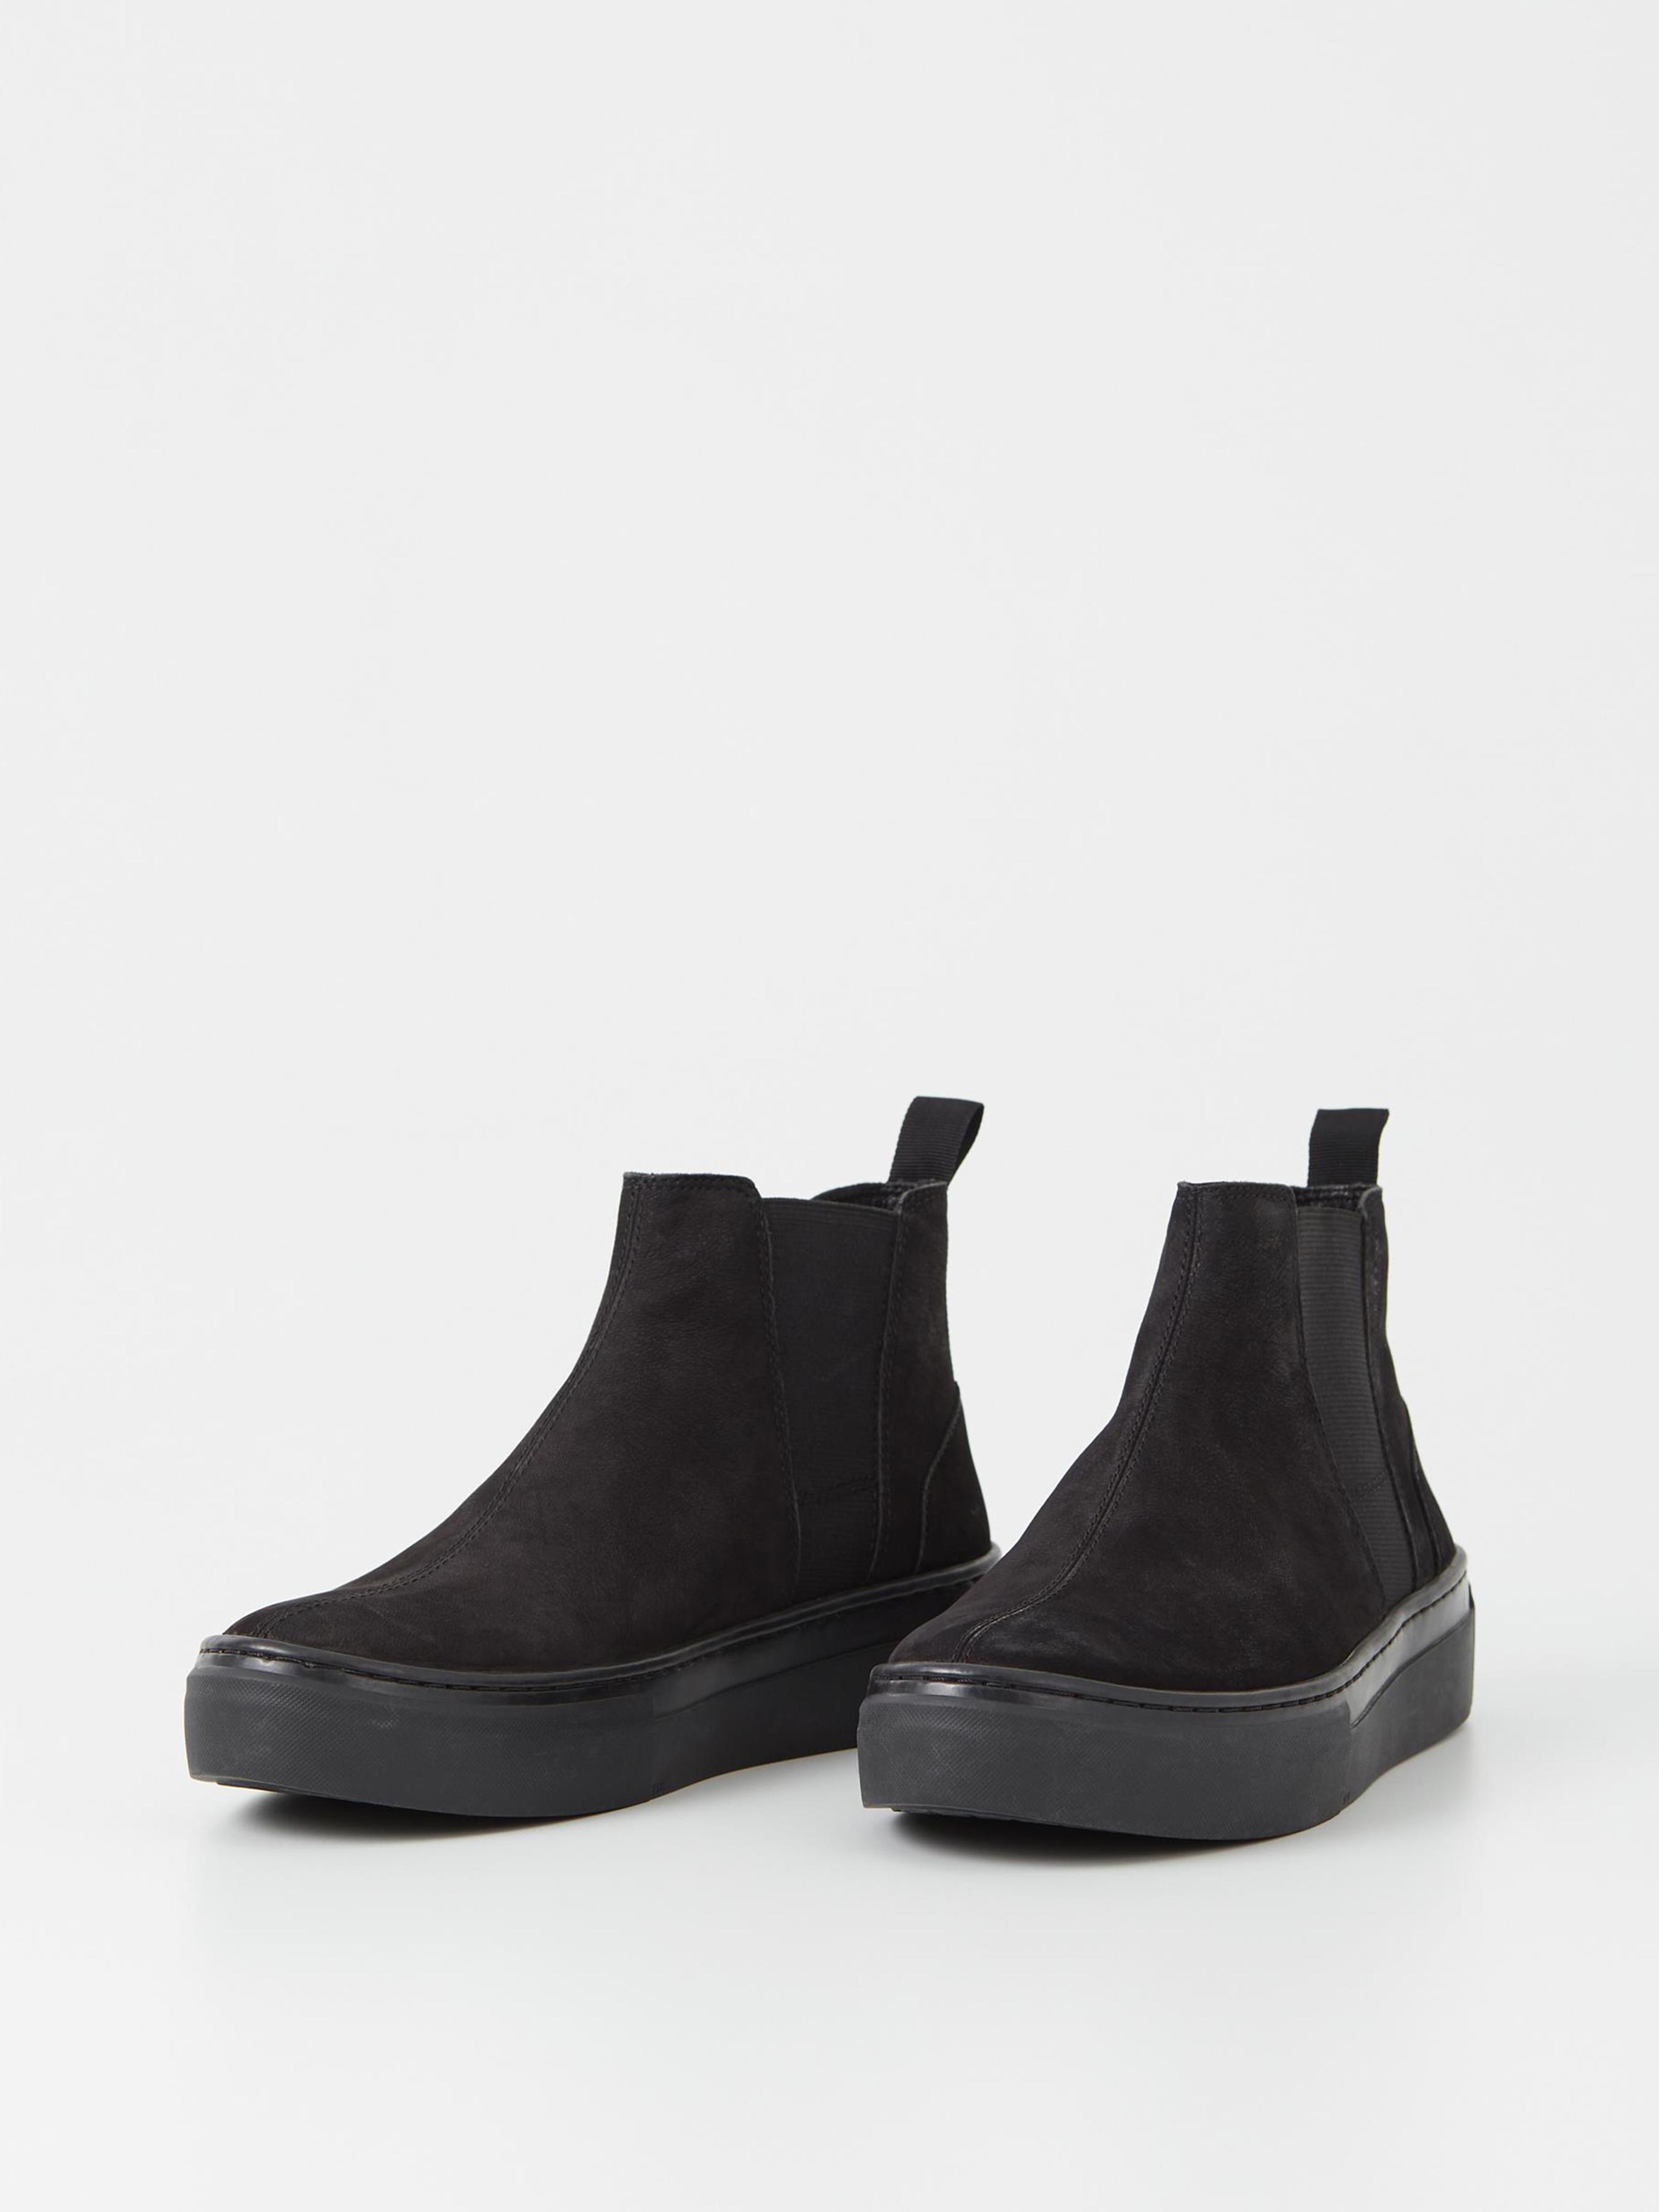 Купить Ботинки женские VAGABOND ZOE PLATFORM VW5579, Черный